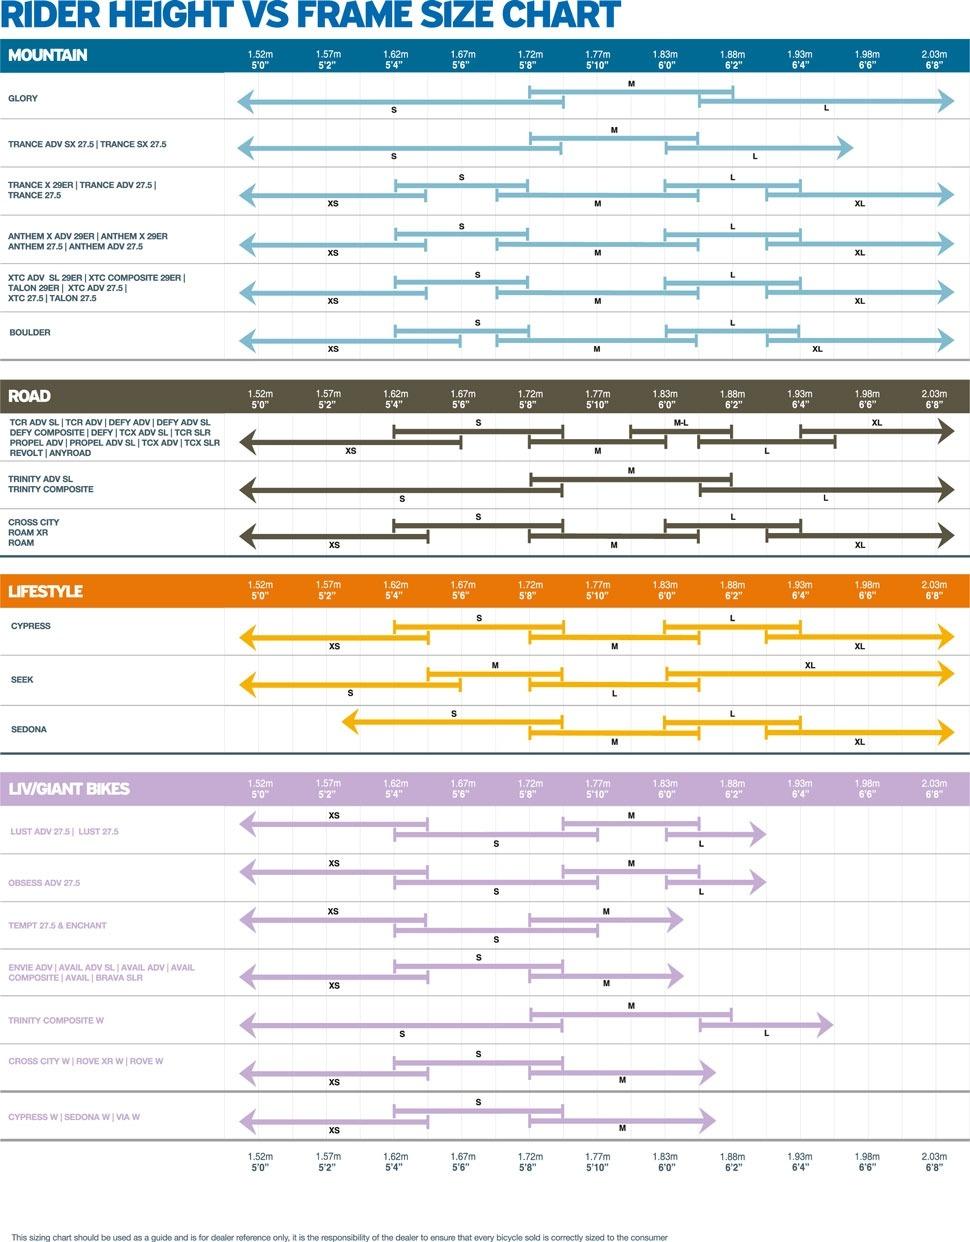 770a15c012b13 Giant - Rowery 2015 - Dobór wielkości ramy - Tabela rozmiarów - Sportowy Sklep  Internetowy - OlimpiaSport.pl - rowery,narty,rowery cube,rowery  kross,rowery ...